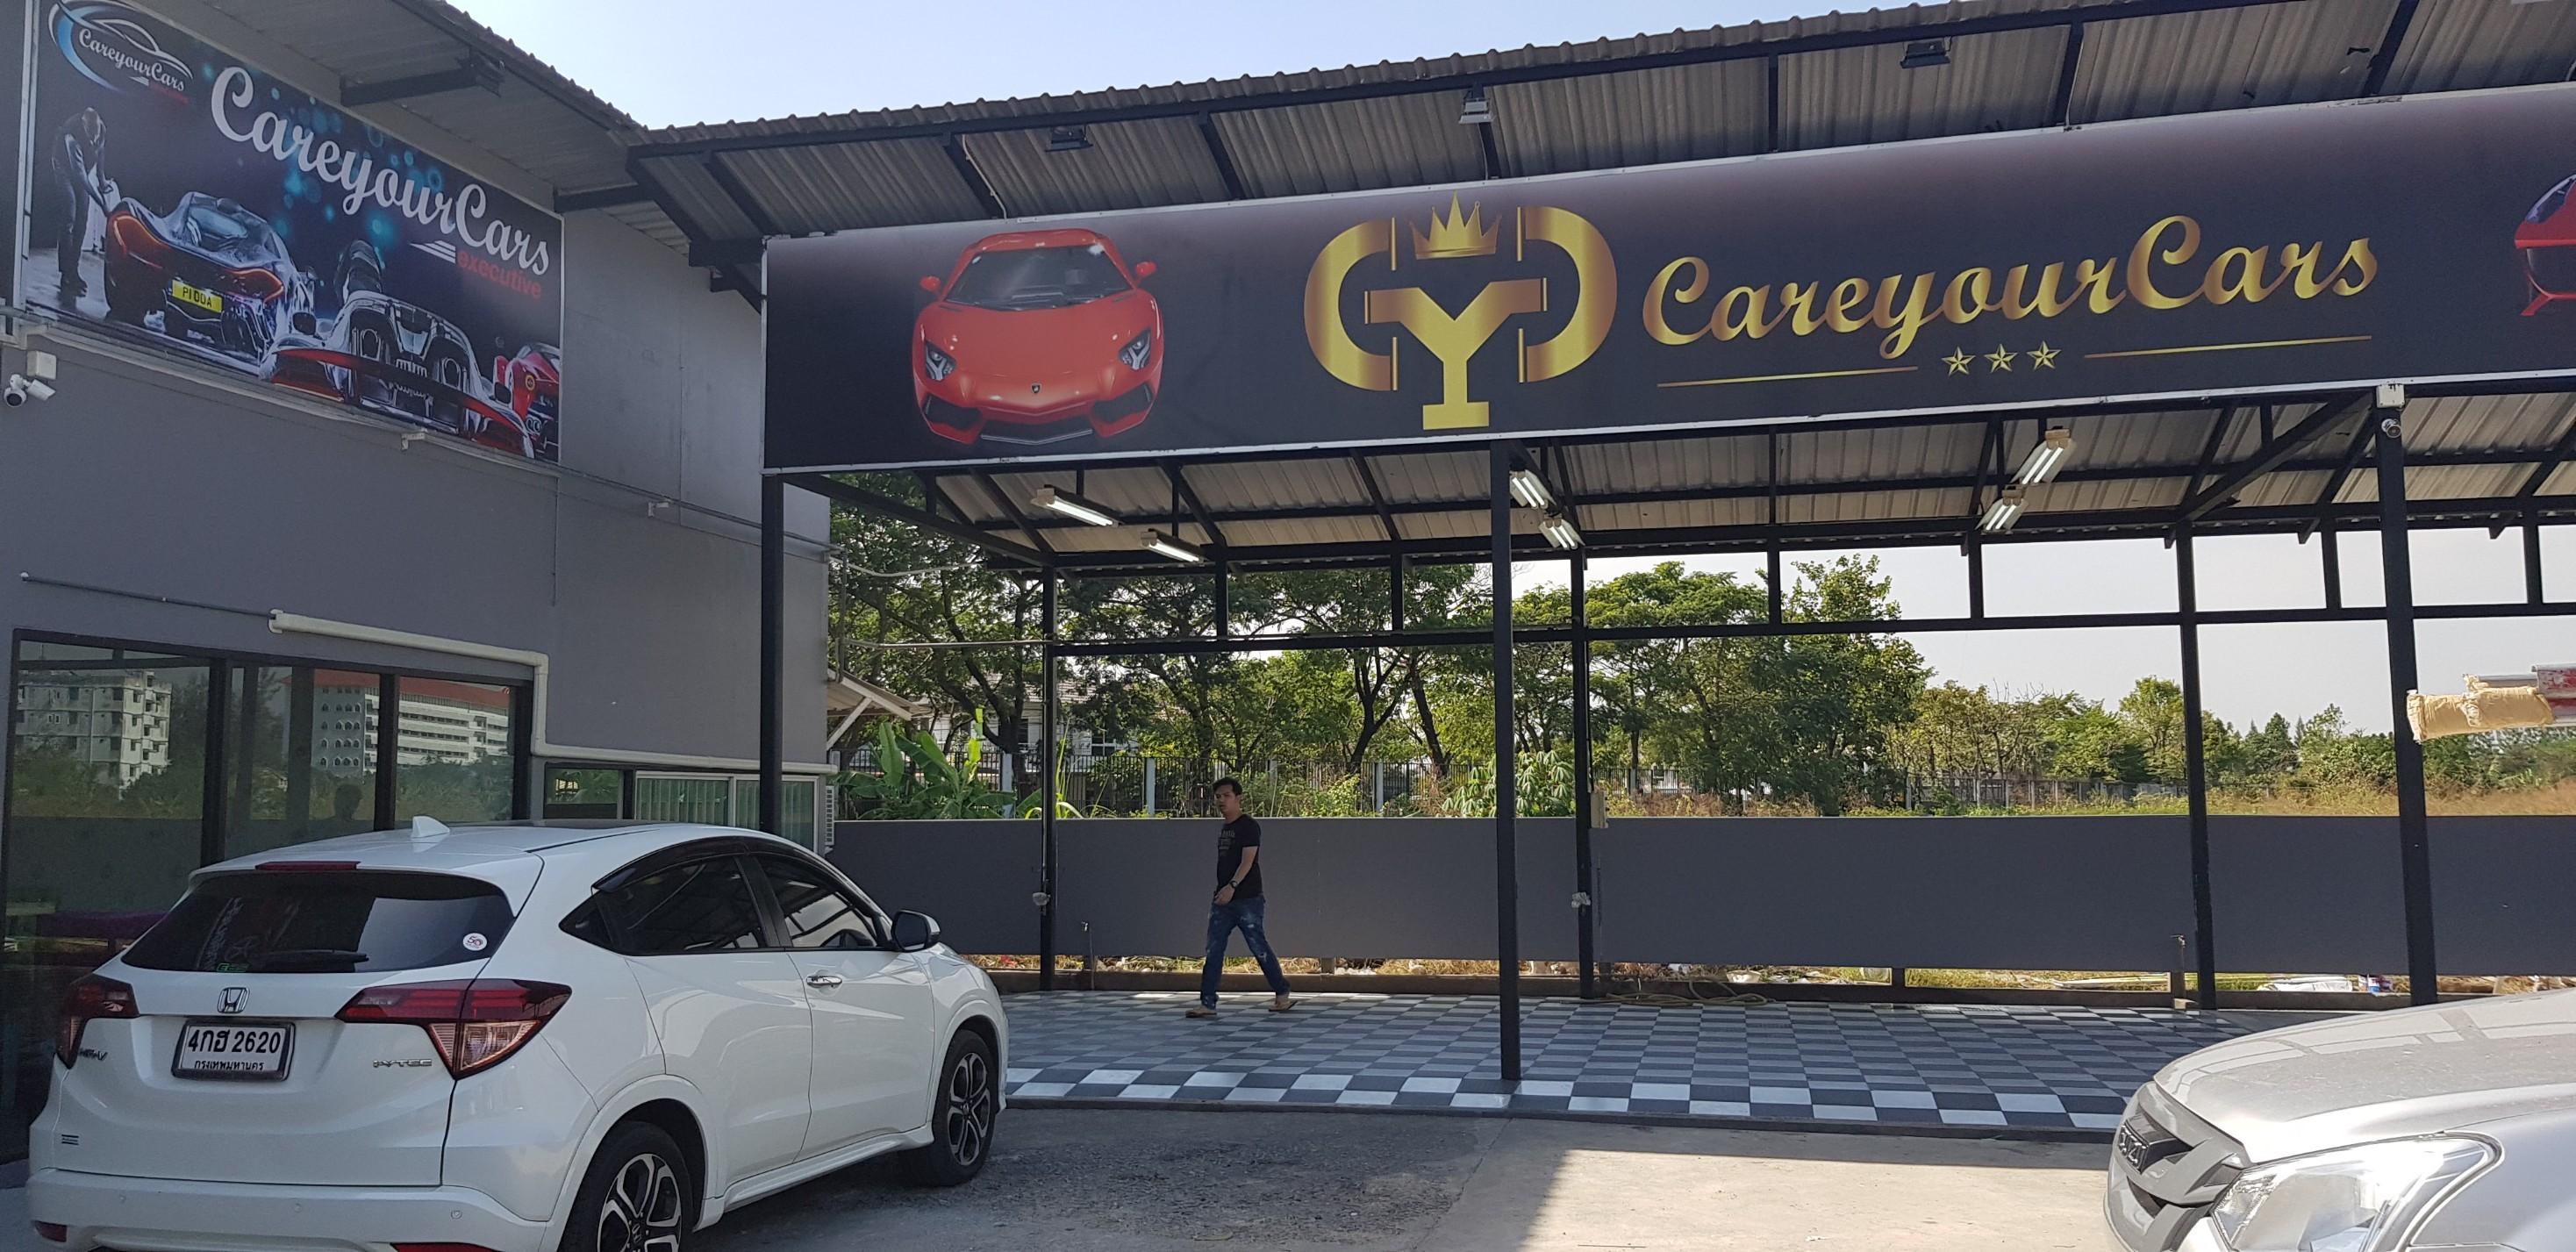 ผลงานวางระบบและอบรมธุรกิจคาร์แคร์ ร้าน CareyourCar (ประชาอุทิศ 90)